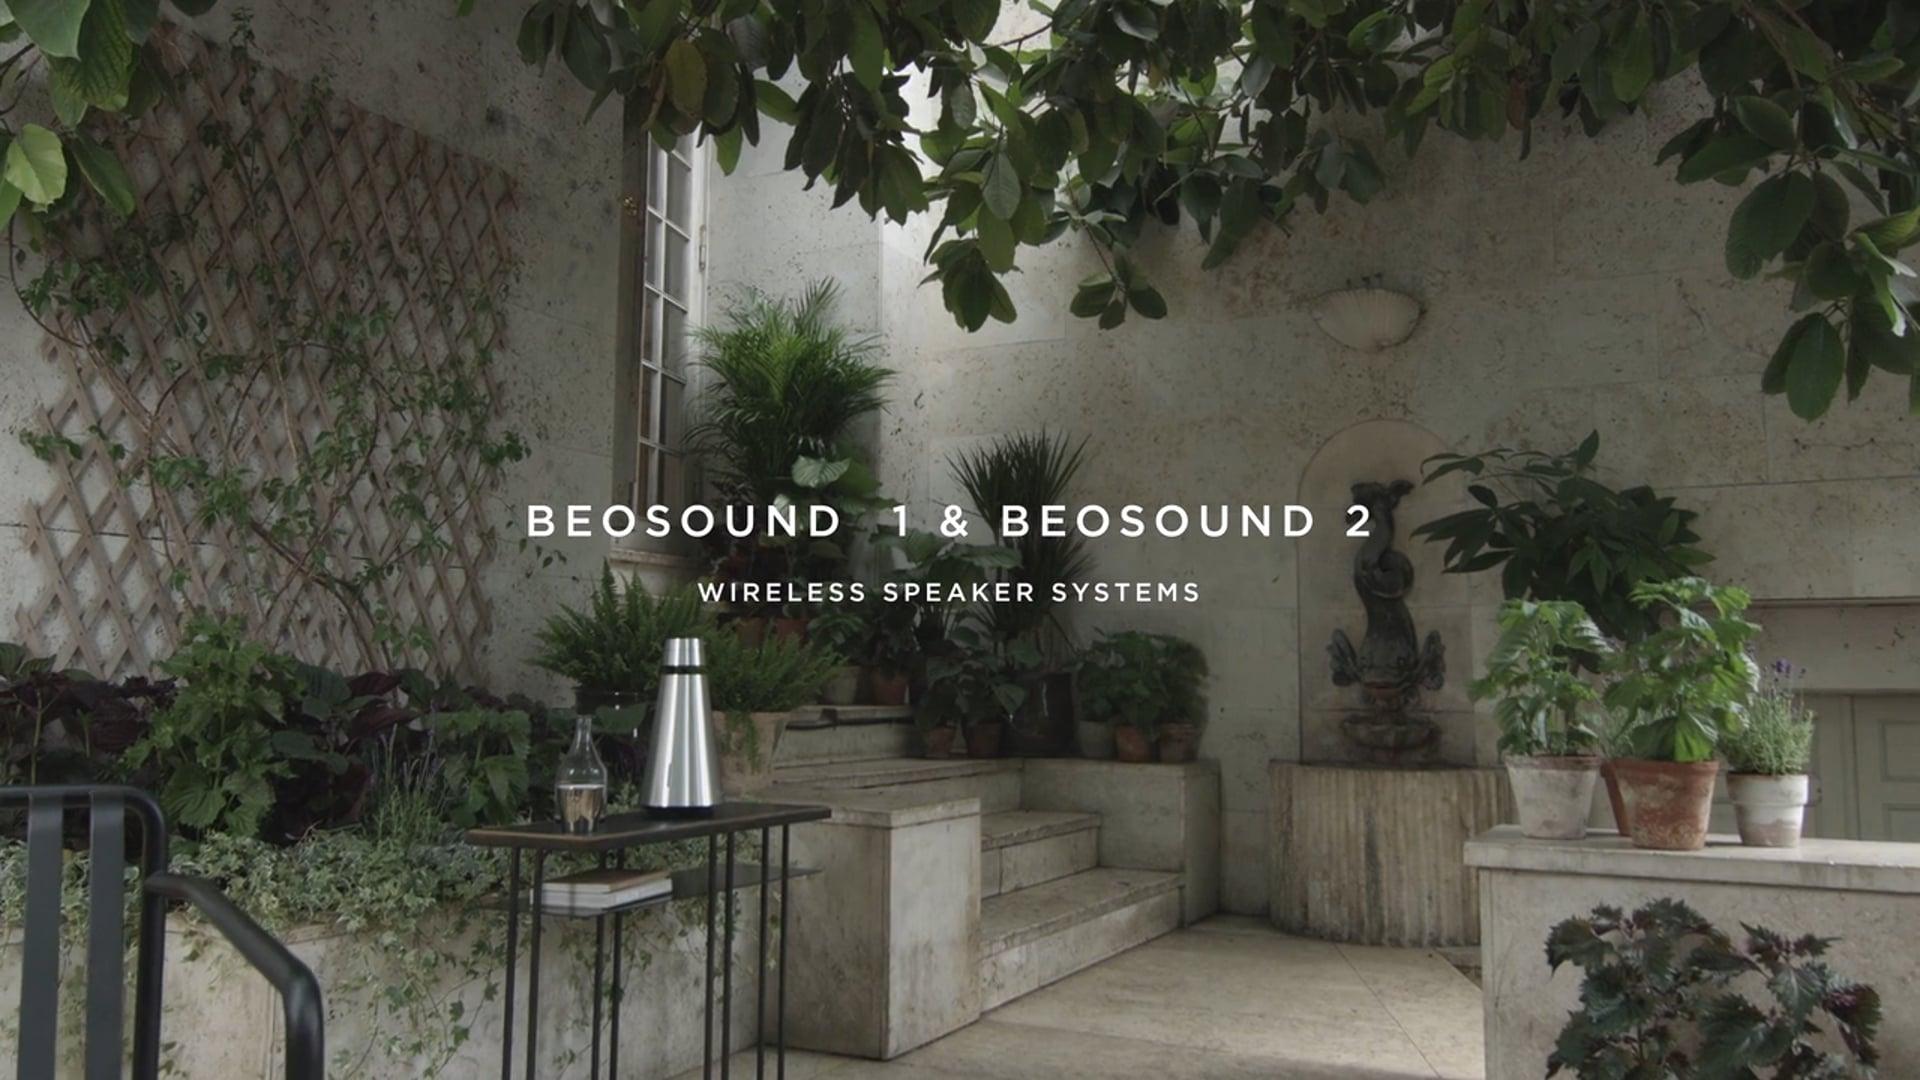 Bang & Olufsen - Beosound 1 & Beosound 2